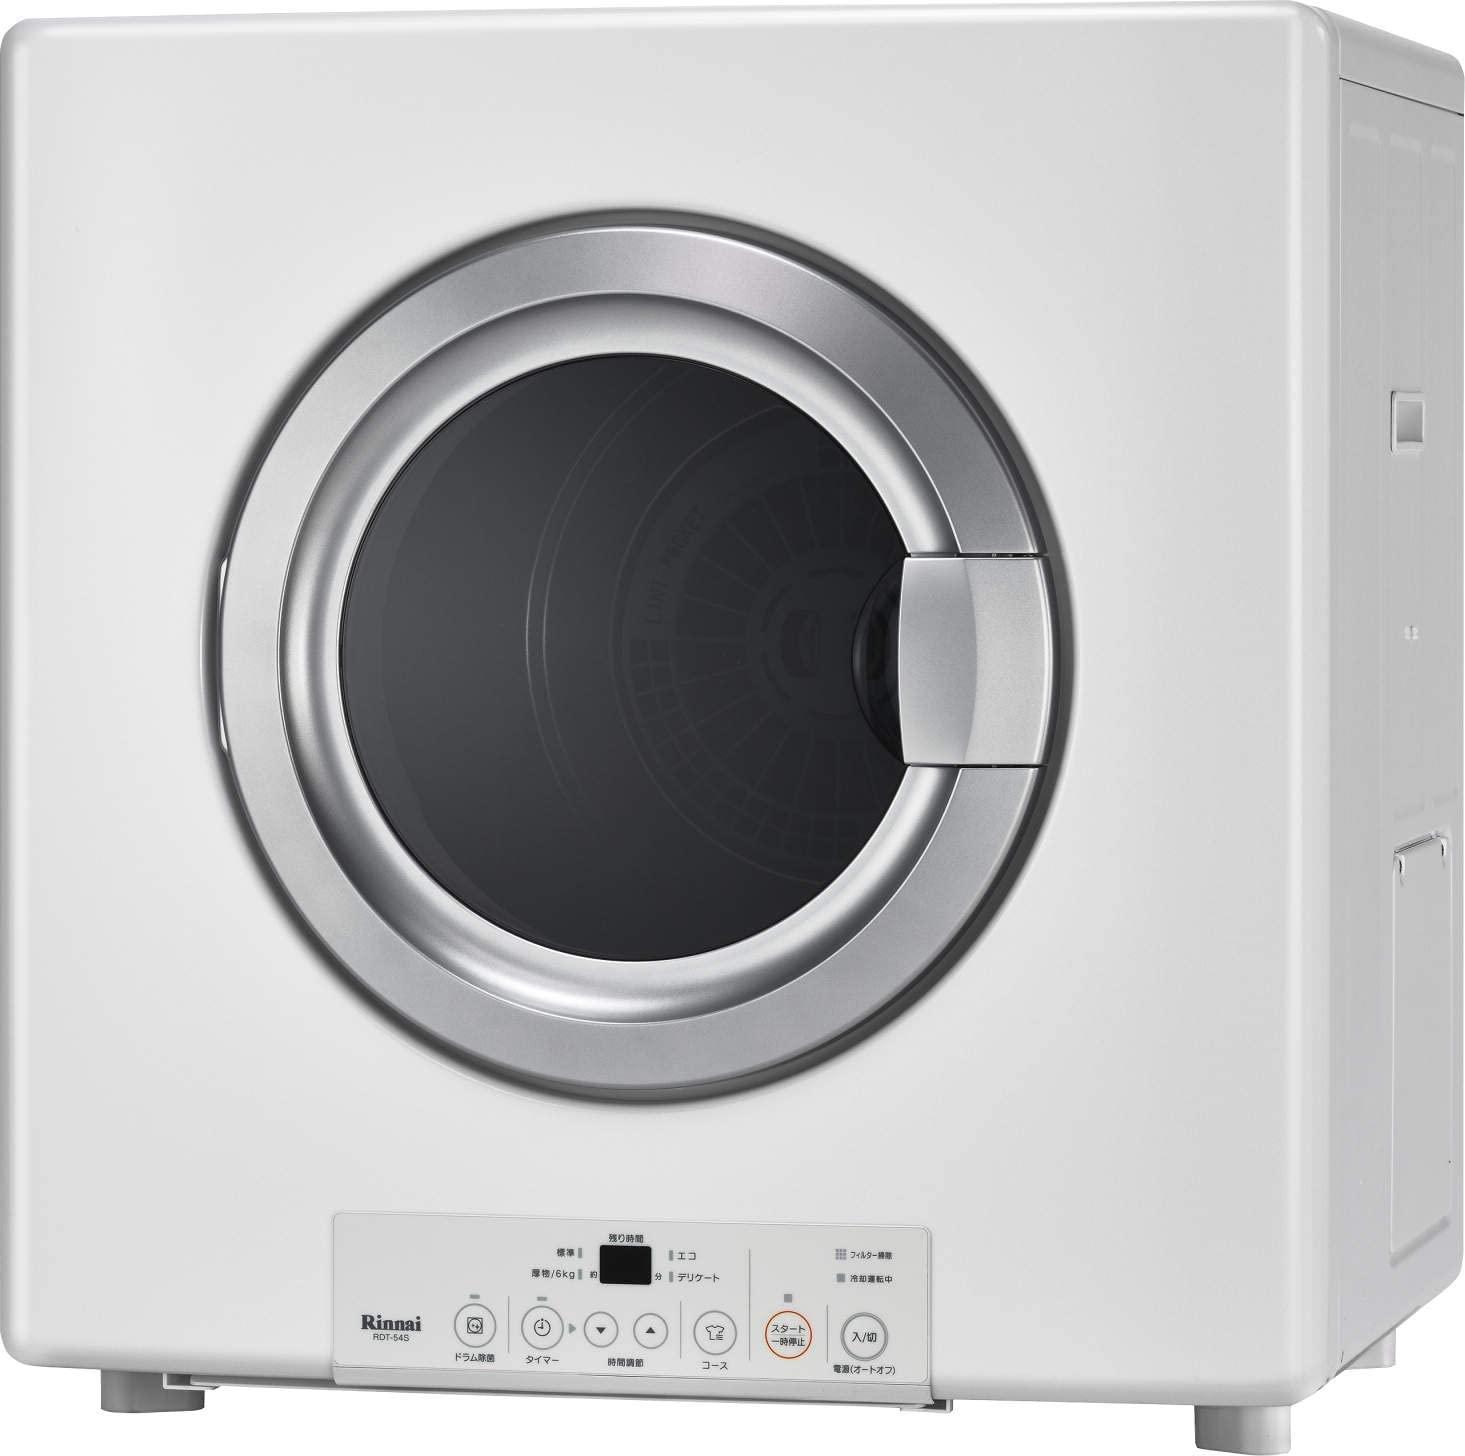 リンナイ 乾太くん 5kg ガスコード接続タイプ RDT-54S-SV 家族分のタオル乾燥もおまかせ 使い勝手の良いガス衣類乾燥機 あんしんの3年保証